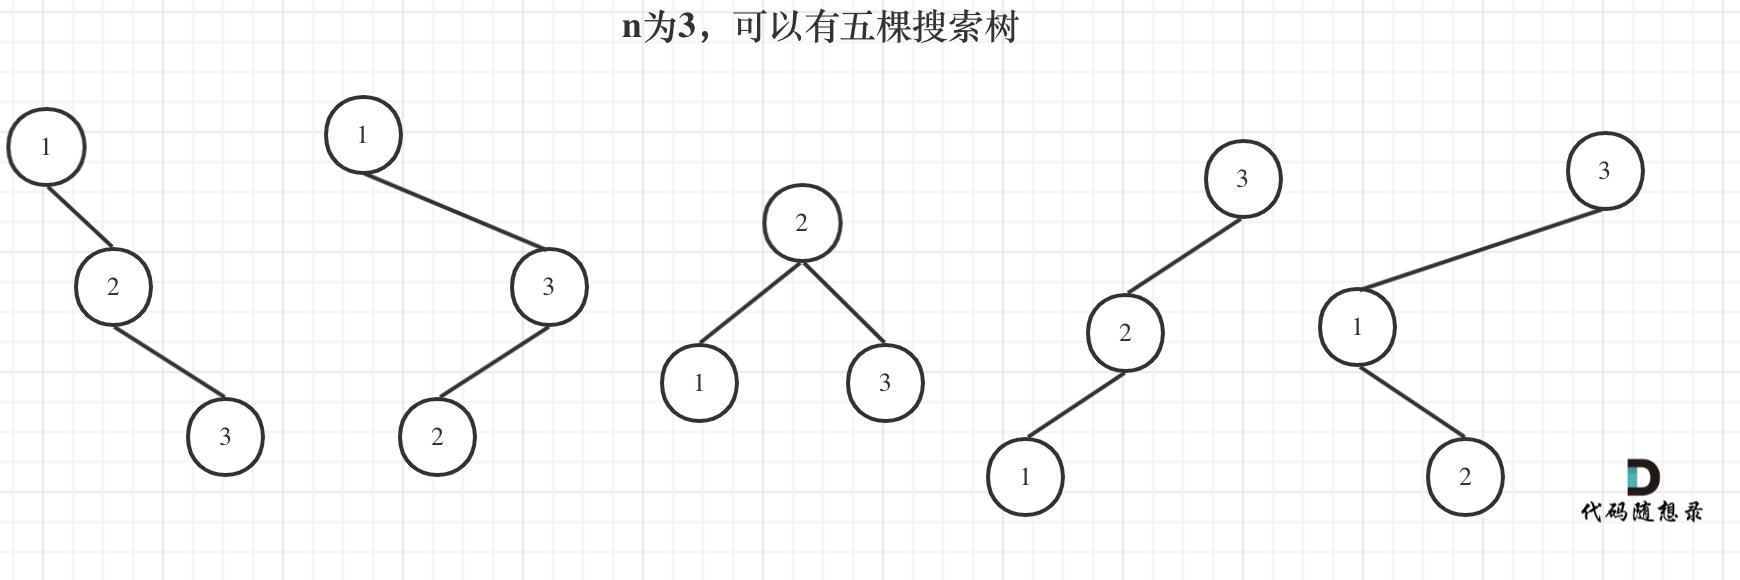 96.不同的二叉搜索树1